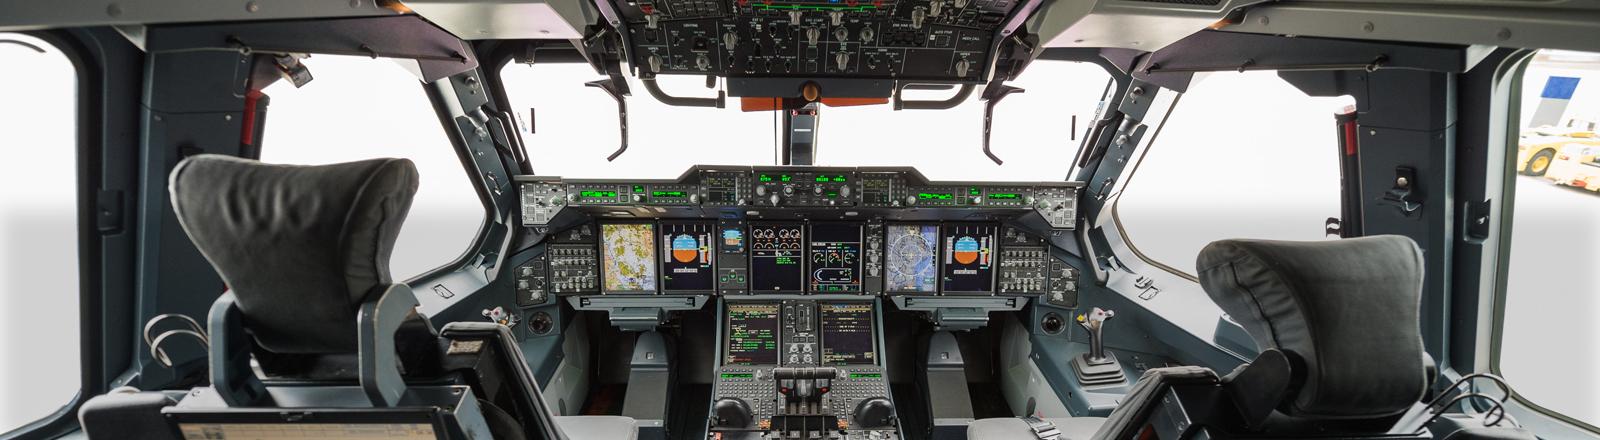 Das leere Cockpit eines Flugzeuges des Typs Airbus A400M, aufgenommen am 07.11.2014 in Sevilla.